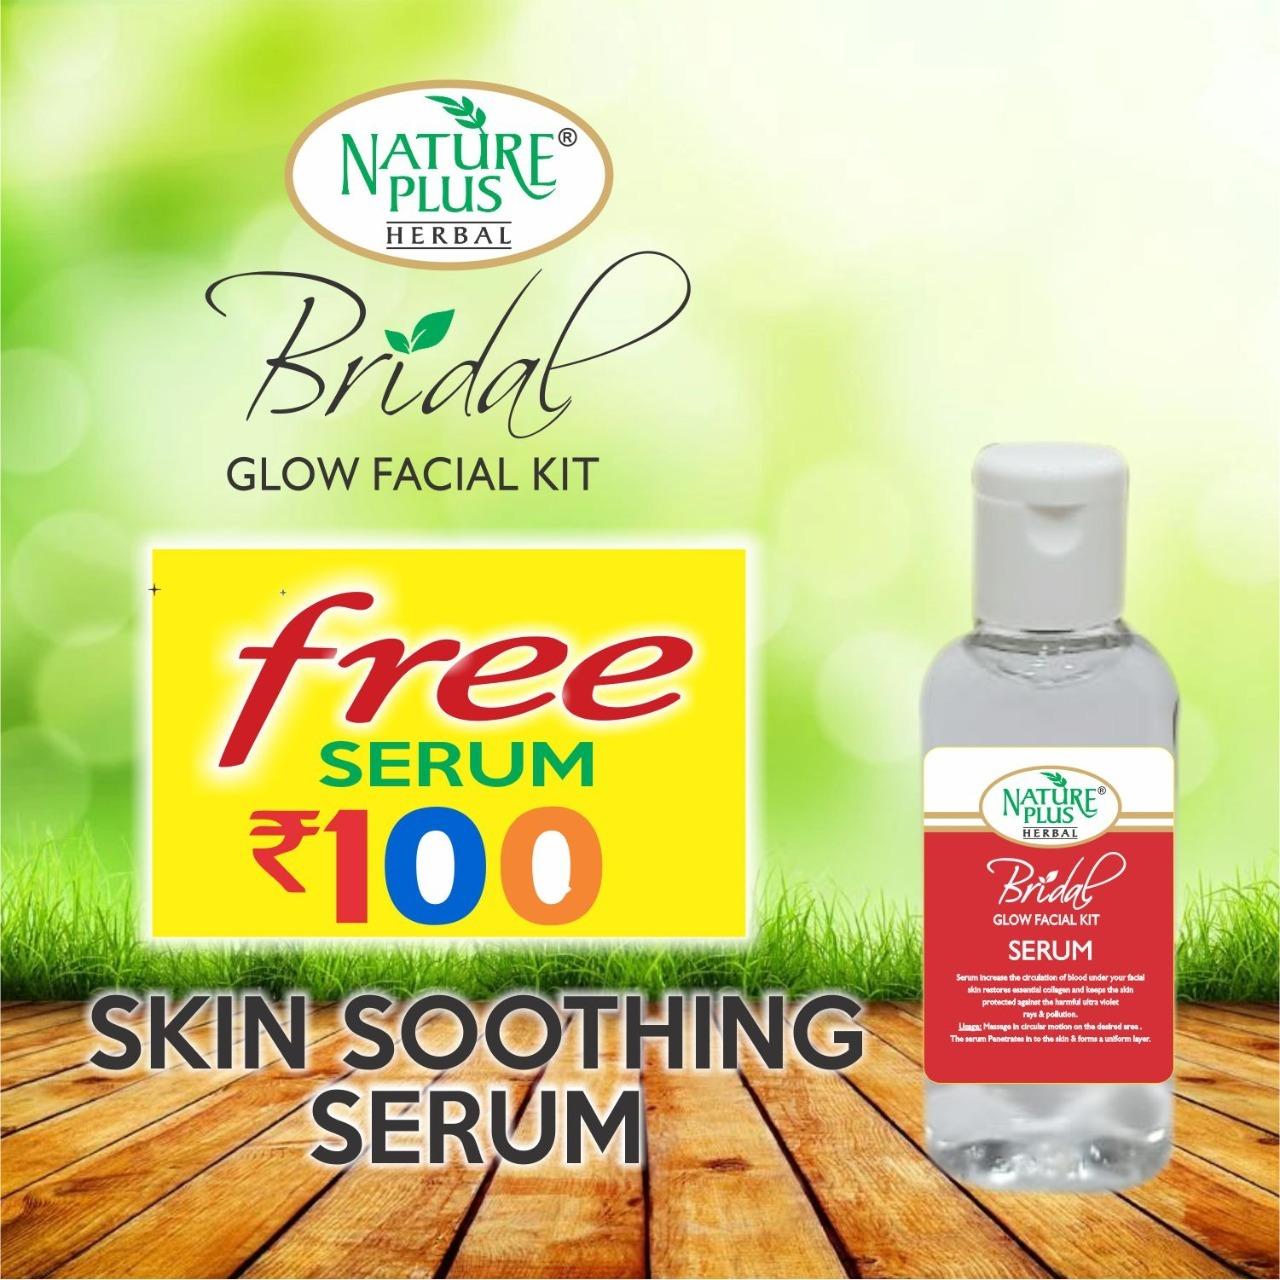 Nature Plus Herbal Bridal Glow Facial Kit, 370gm